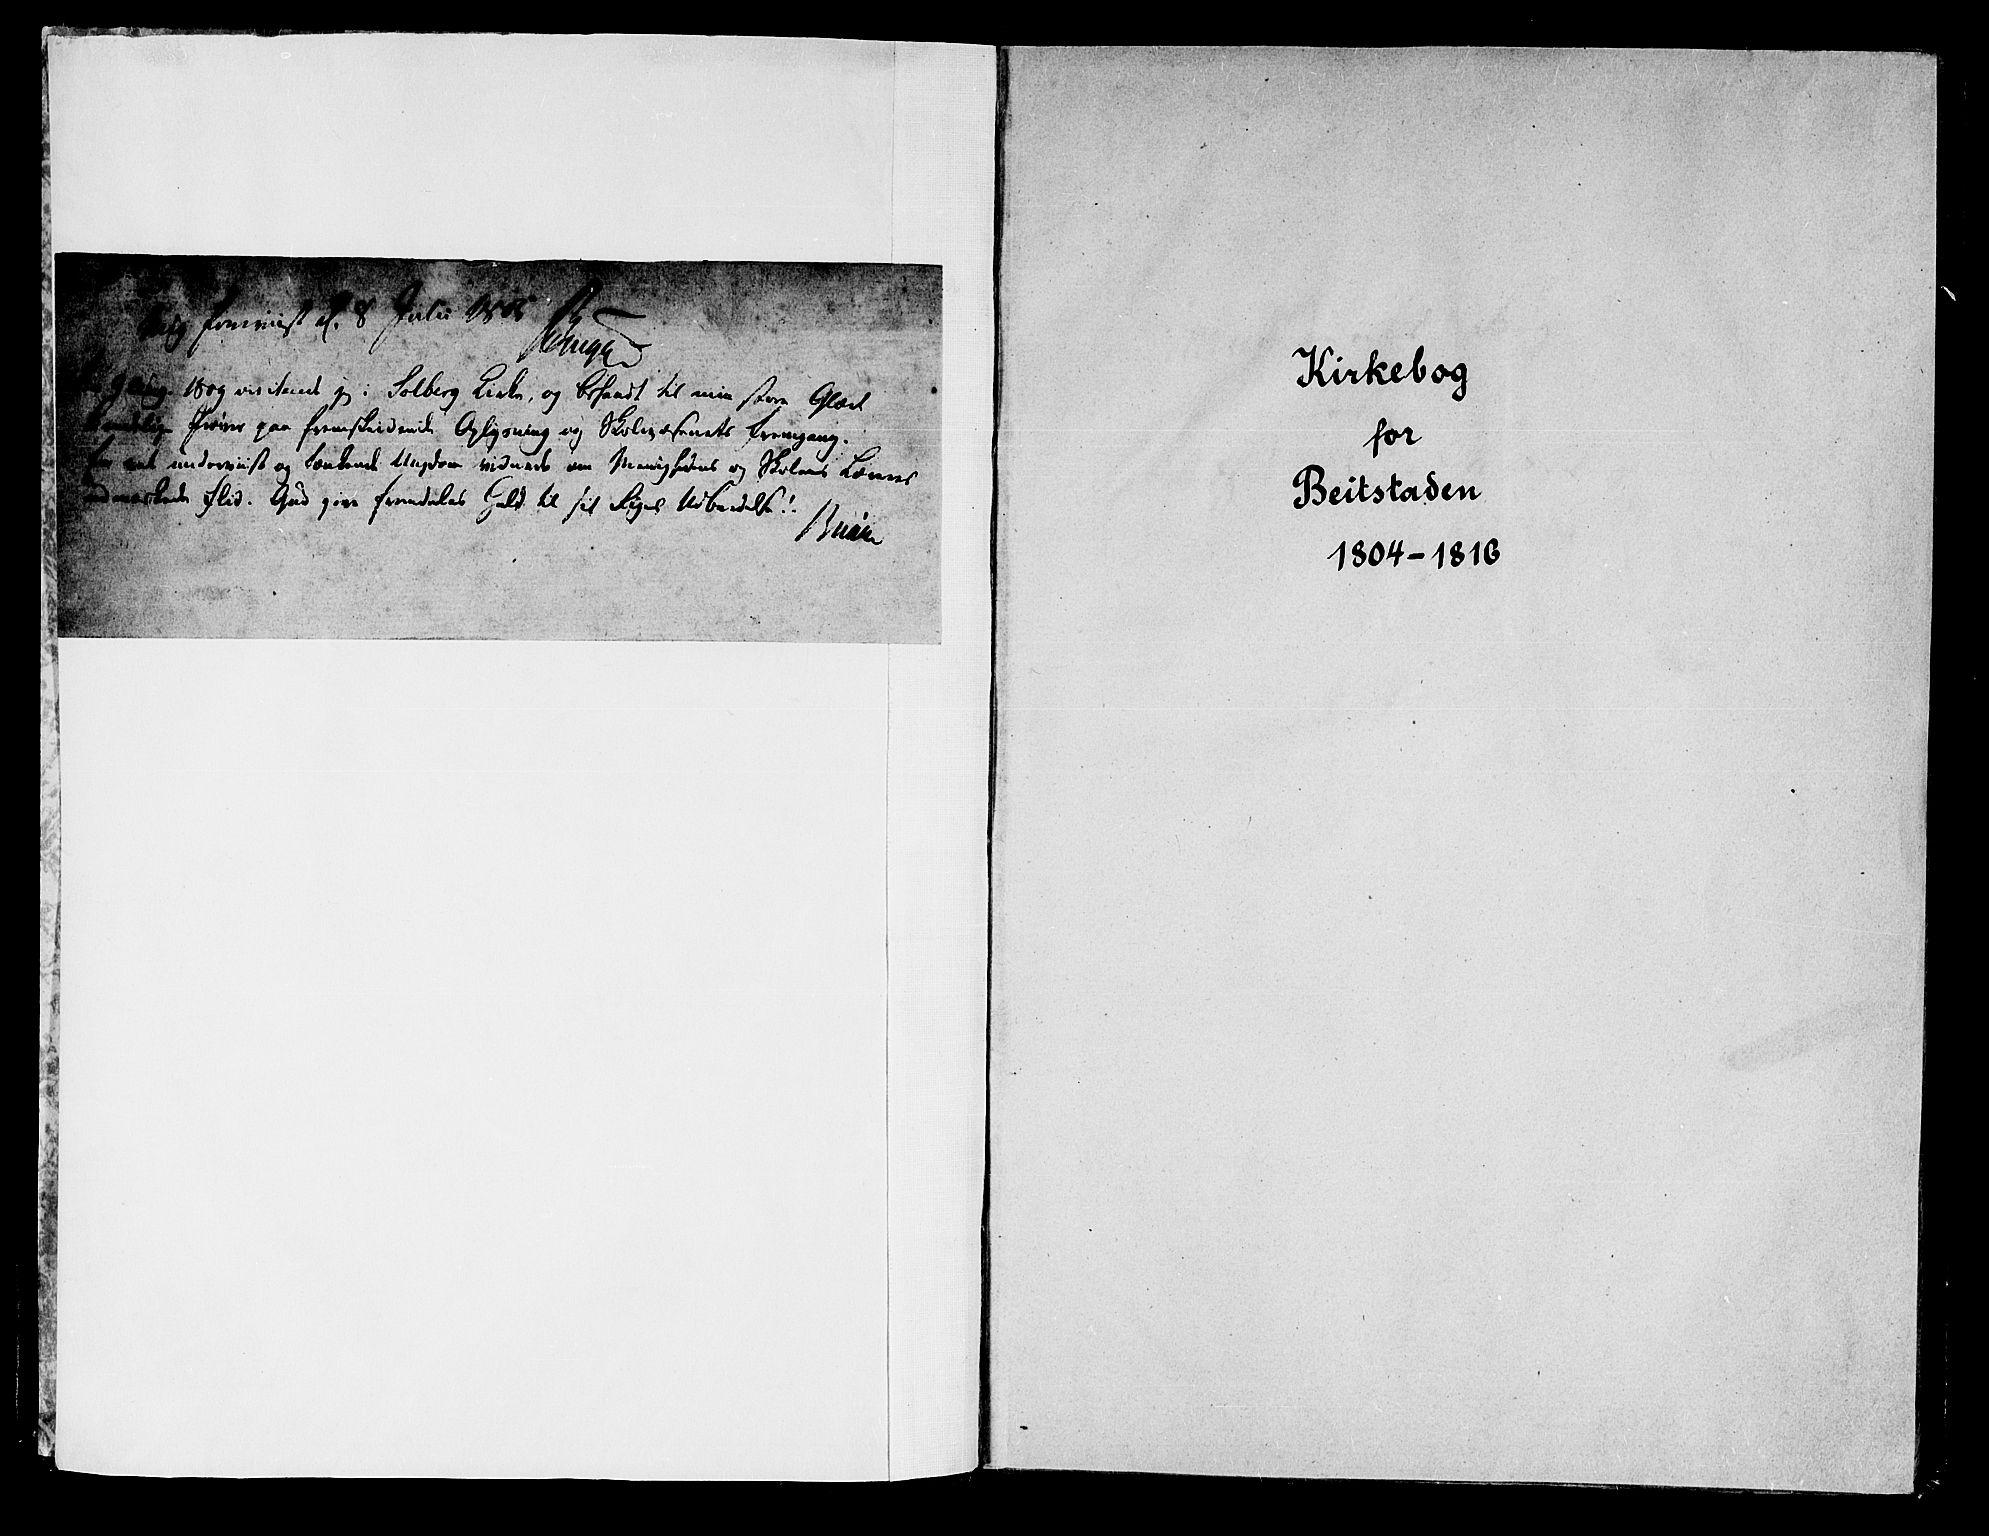 SAT, Ministerialprotokoller, klokkerbøker og fødselsregistre - Nord-Trøndelag, 741/L0386: Ministerialbok nr. 741A02, 1804-1816